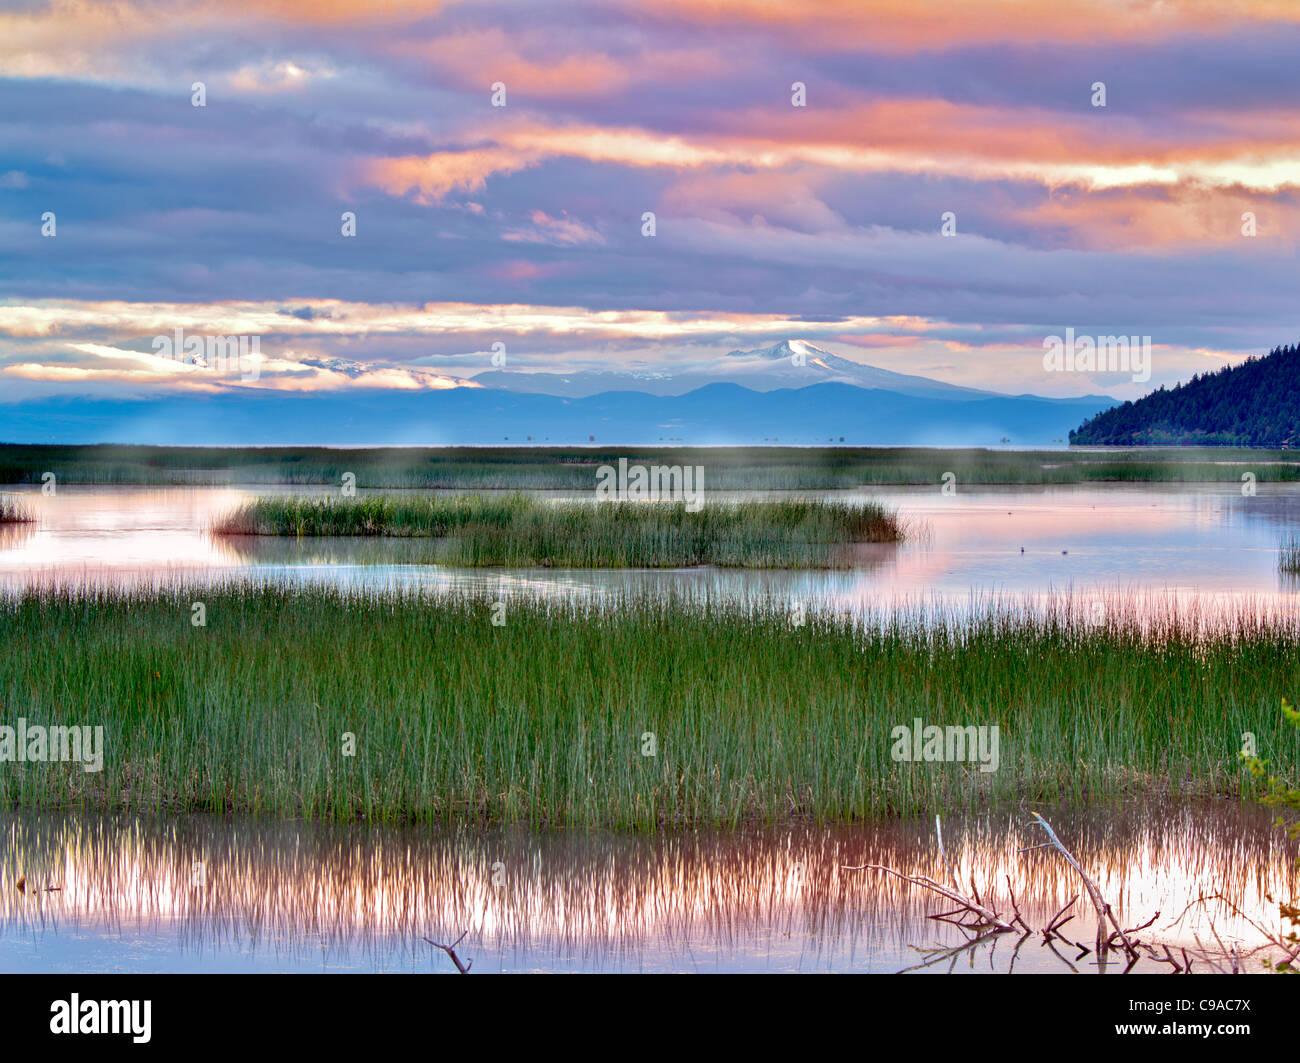 Shoalwater Bay on Upper Klamath Lake at sunrise. Oregon - Stock Image